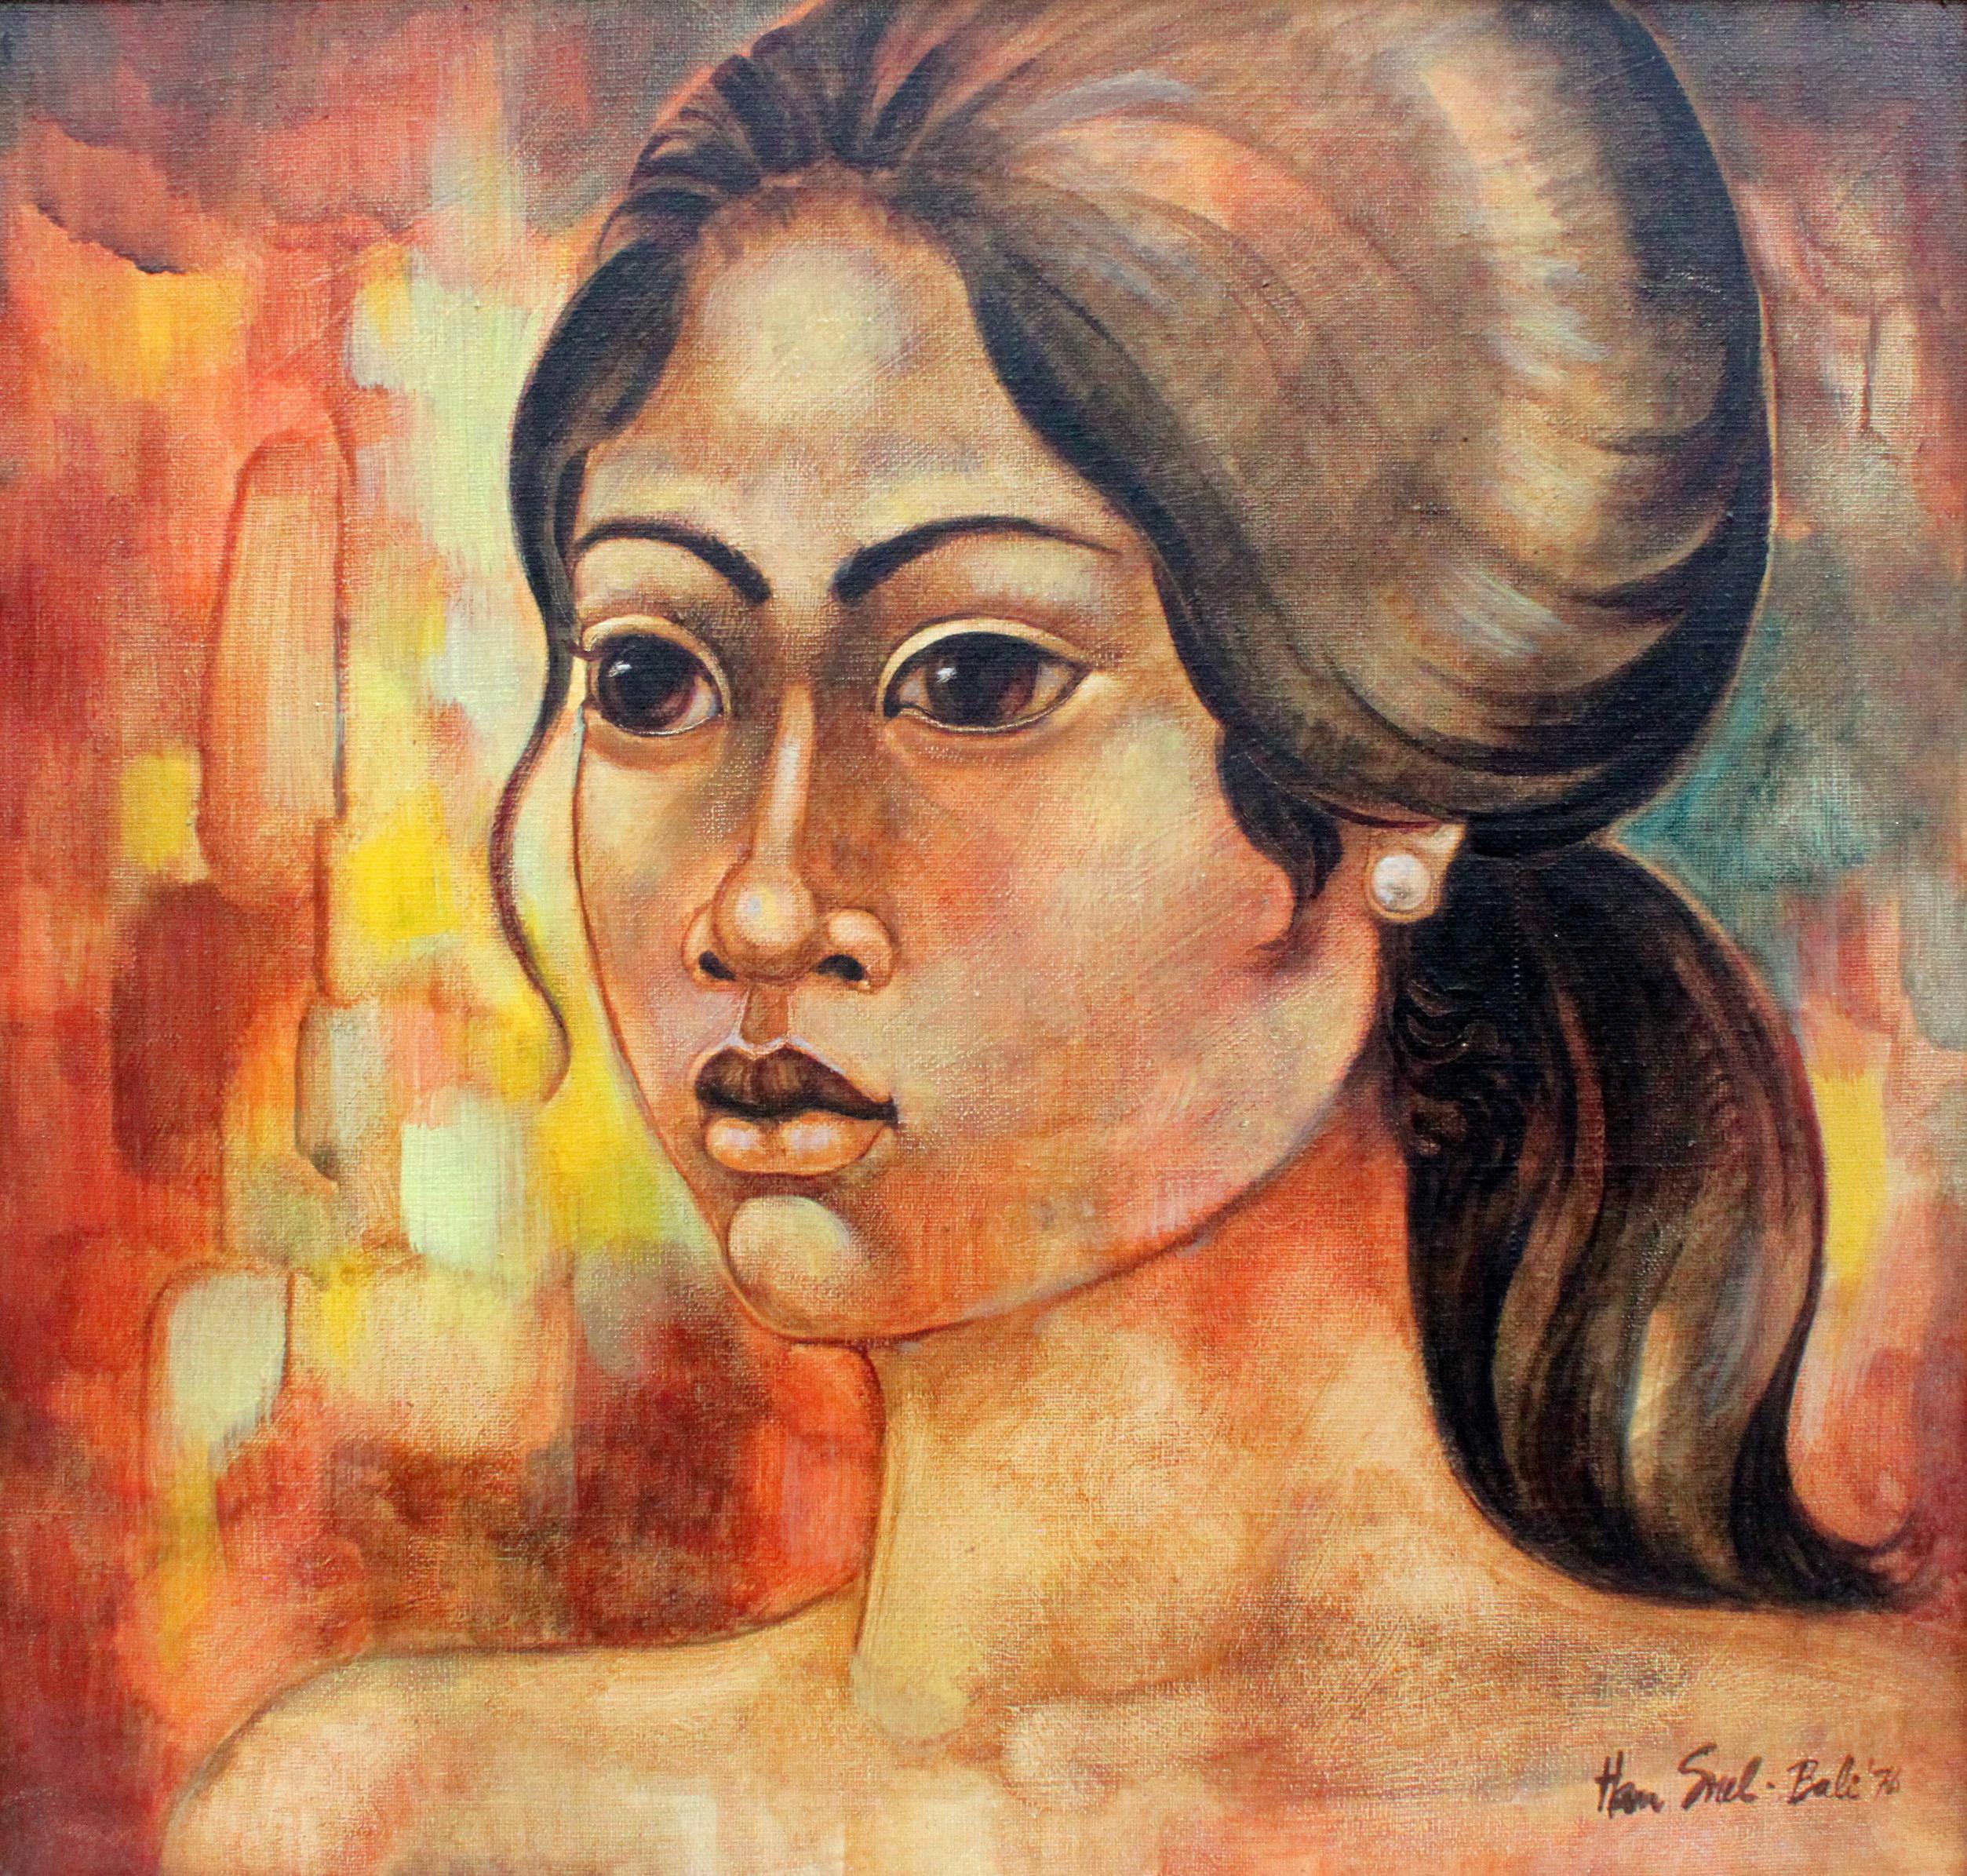 Balinese beauty- Han Snel